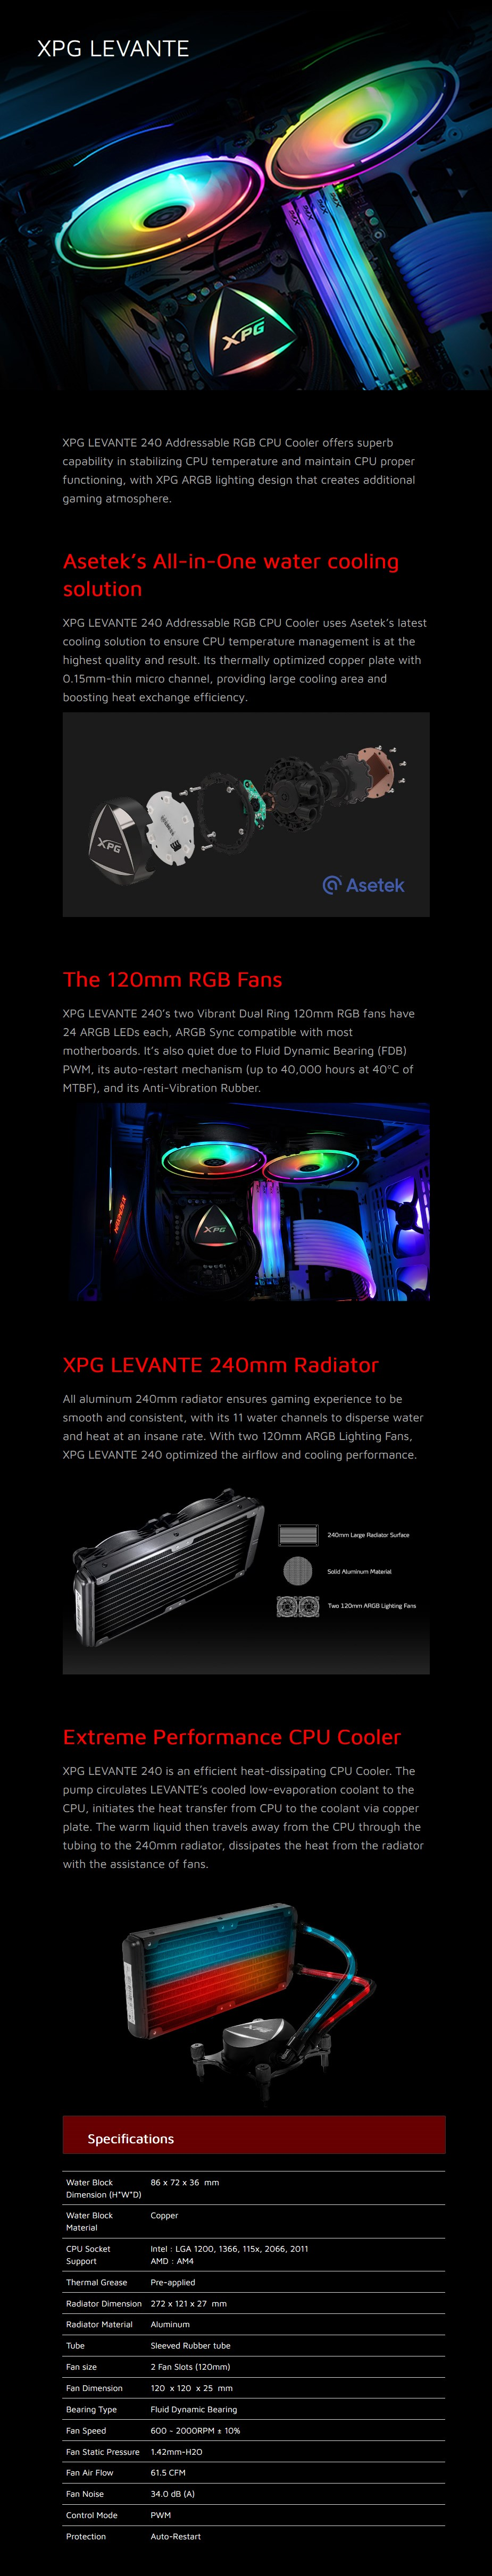 ADATA XPG Levante 240 ARGB LED 240mm All-in-One Liquid CPU Cooler